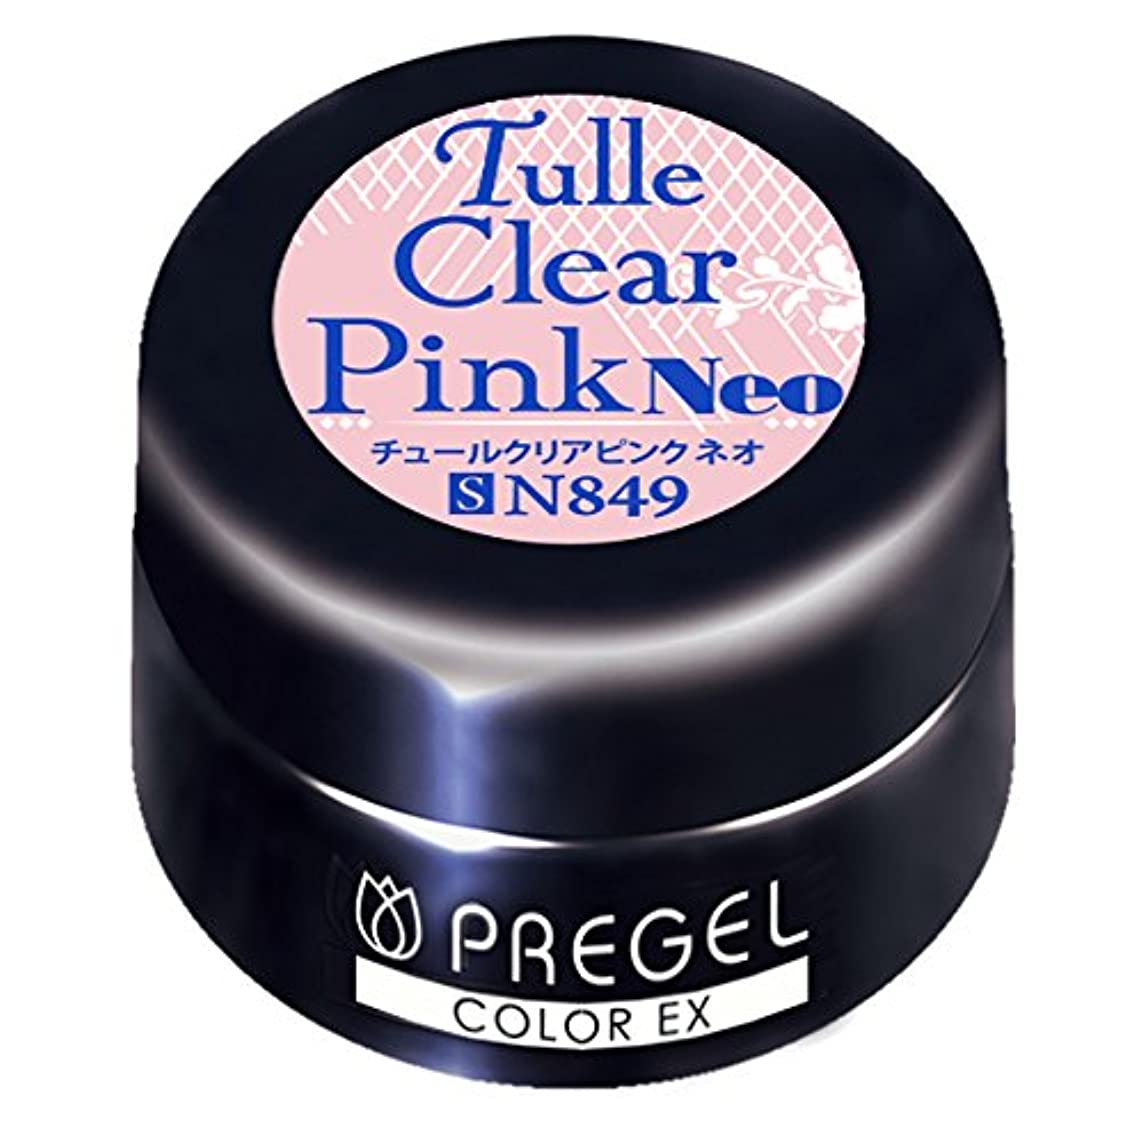 オンスパトワ月面PRE GEL カラーEX チュールクリアピンクneo849 3g UV/LED対応